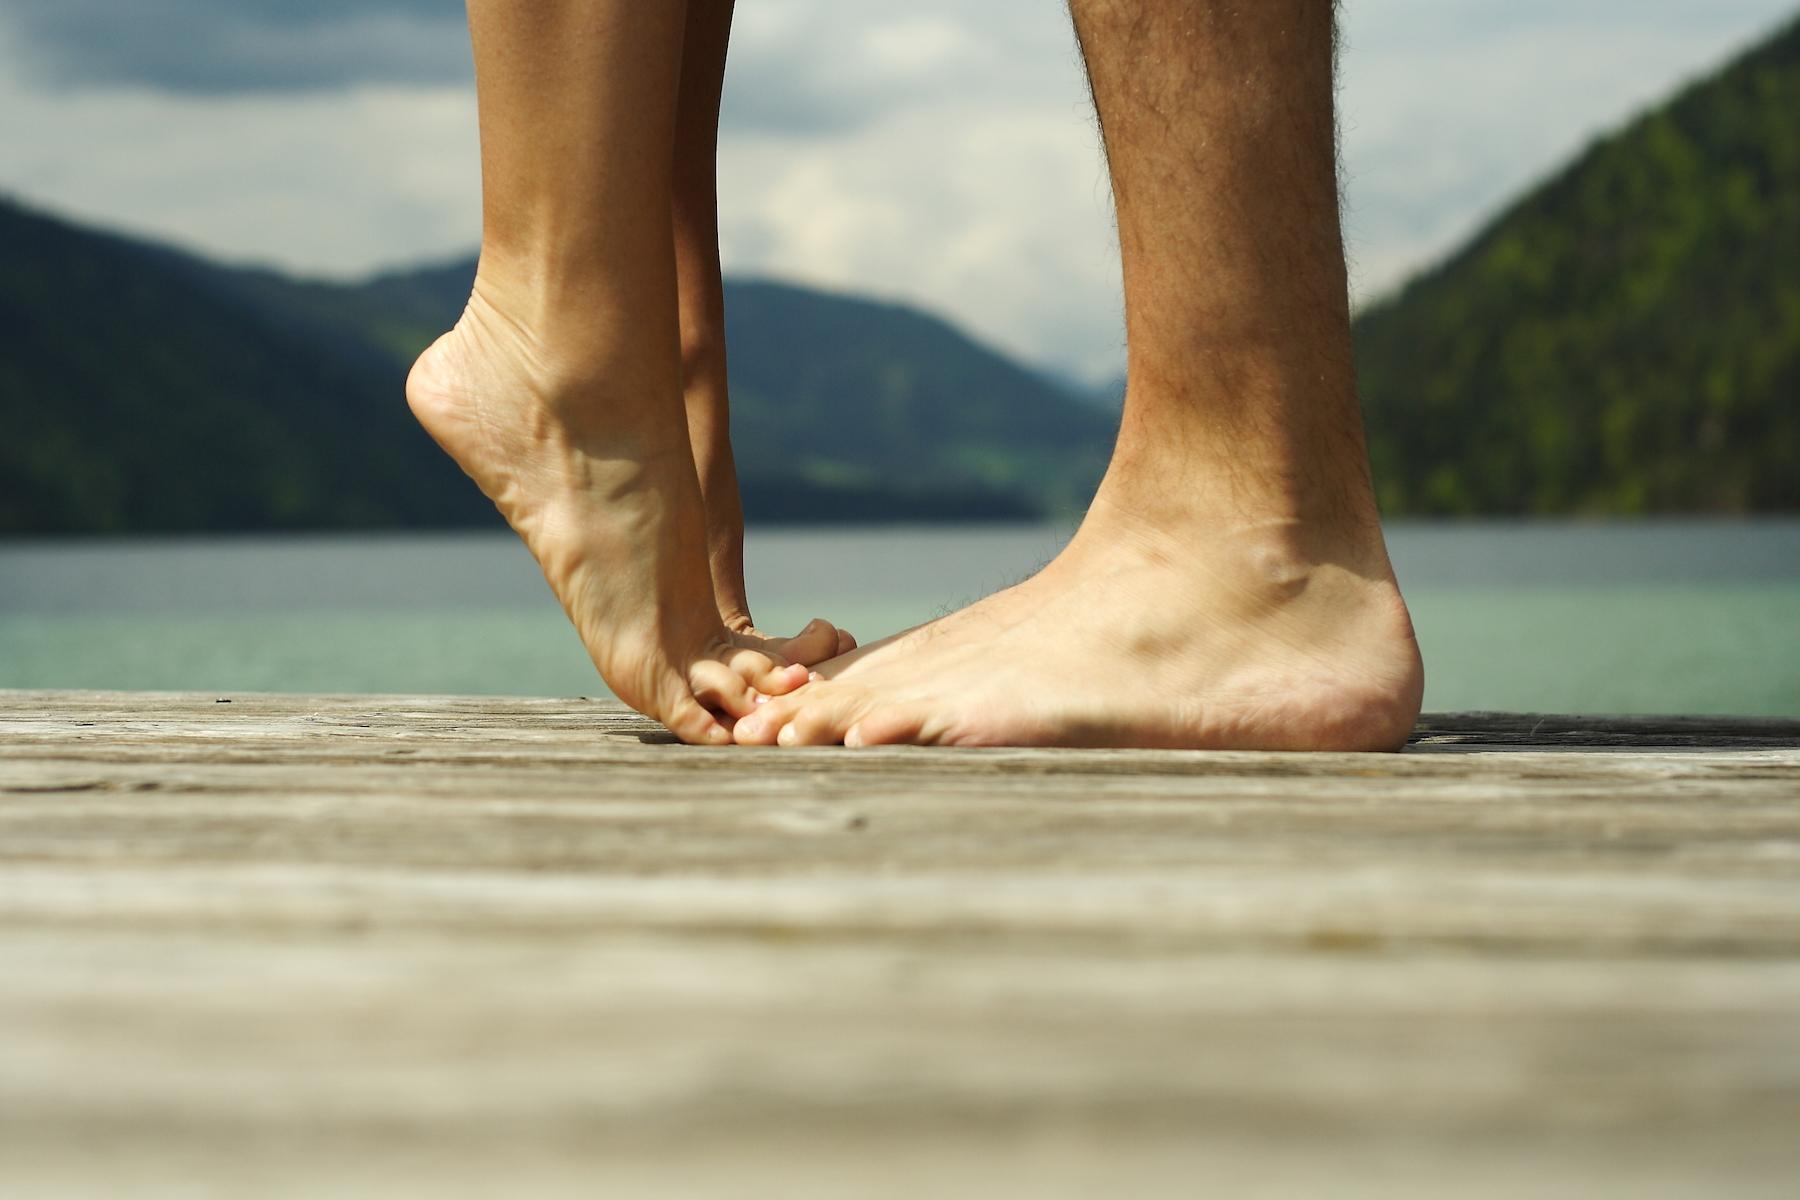 Warum Bin Ich Single? Der Einfluss Unseres Bindungssystems Auf Die Partnerwahl